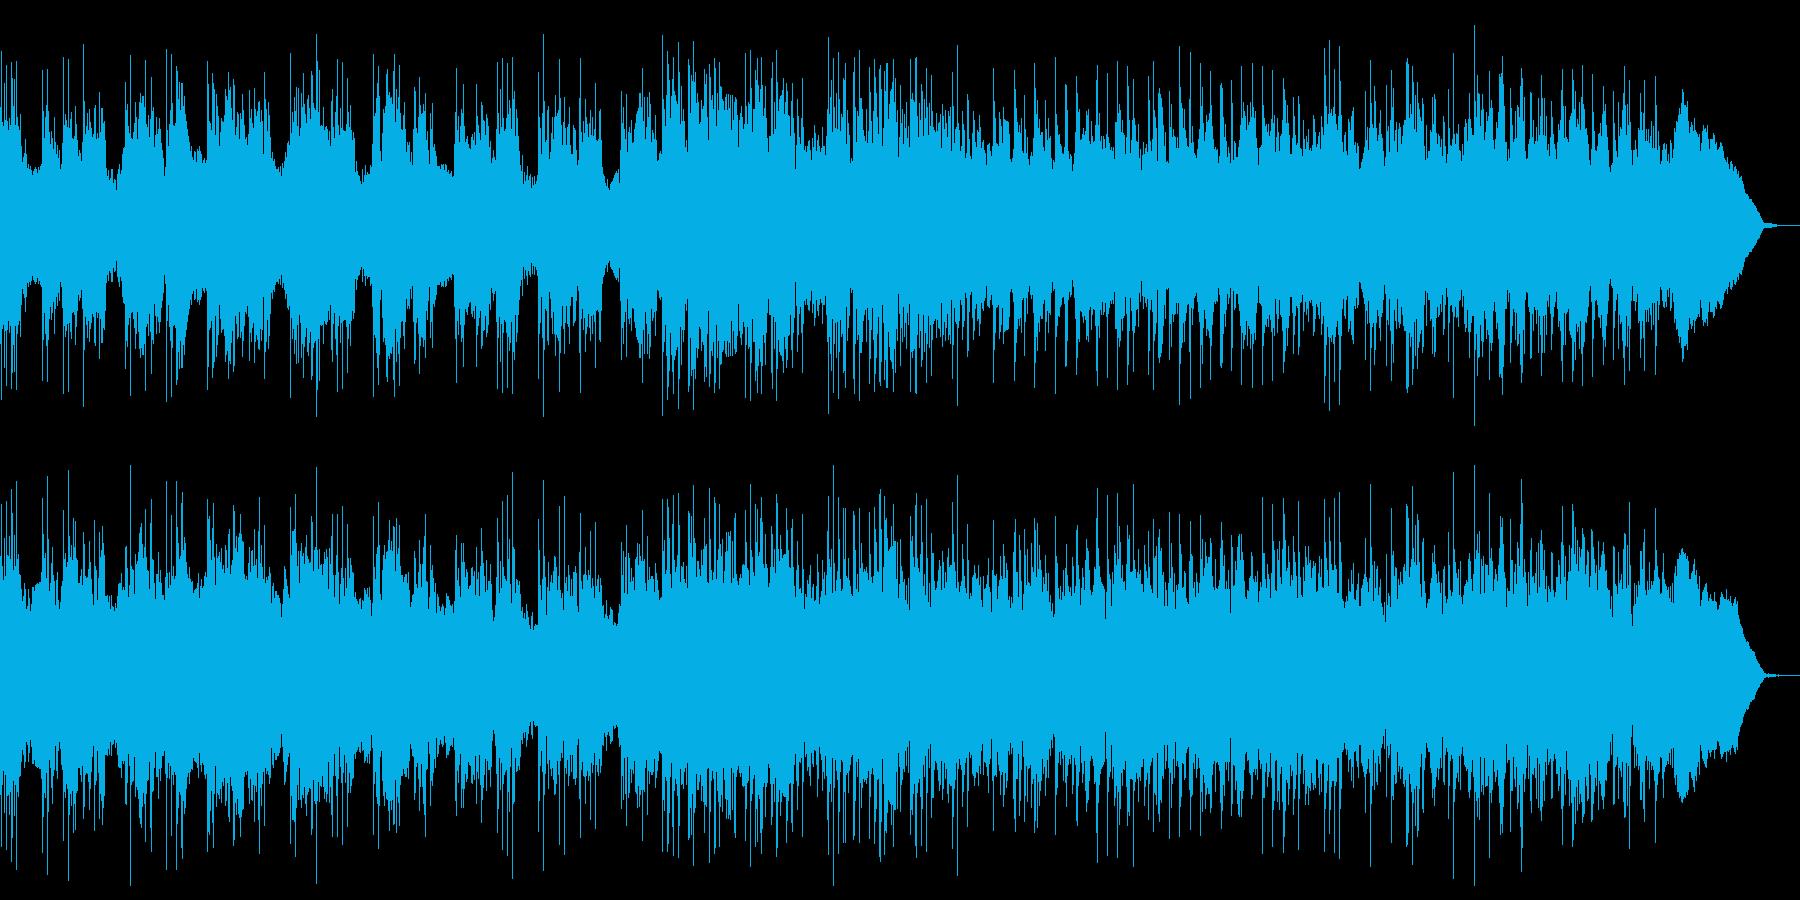 重厚なヘビーメタル ダークな魔族系戦闘曲の再生済みの波形